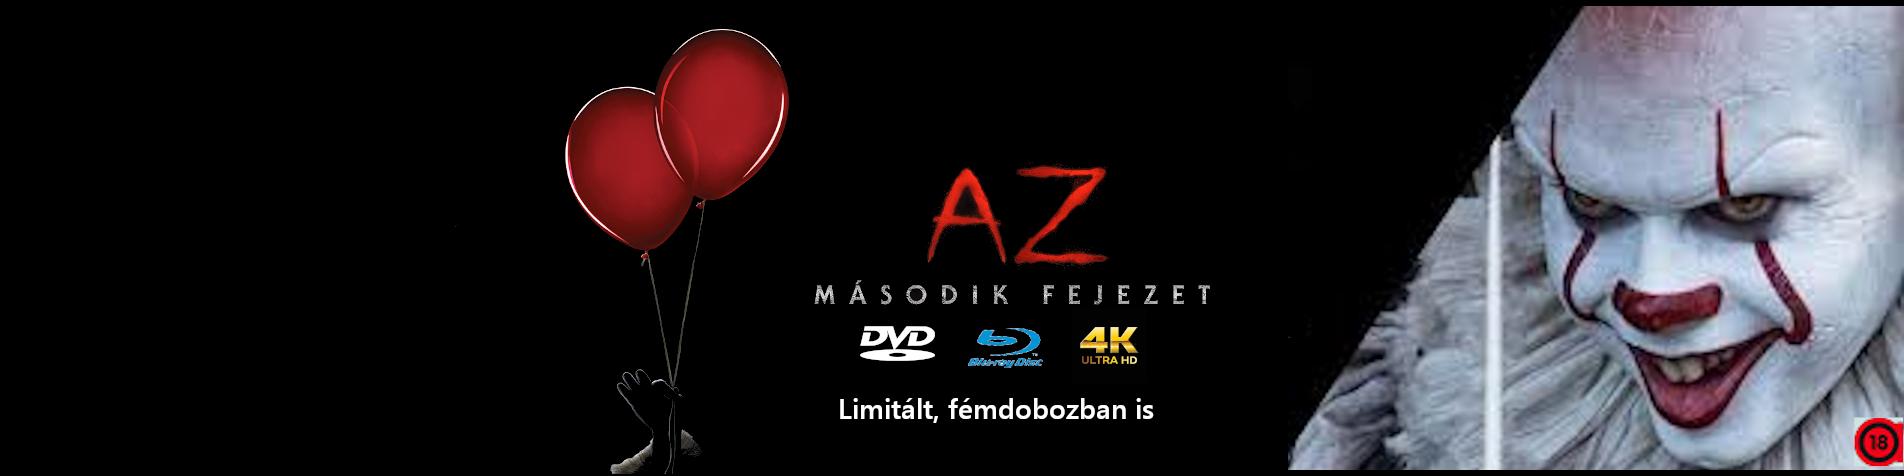 Az2 - DVD